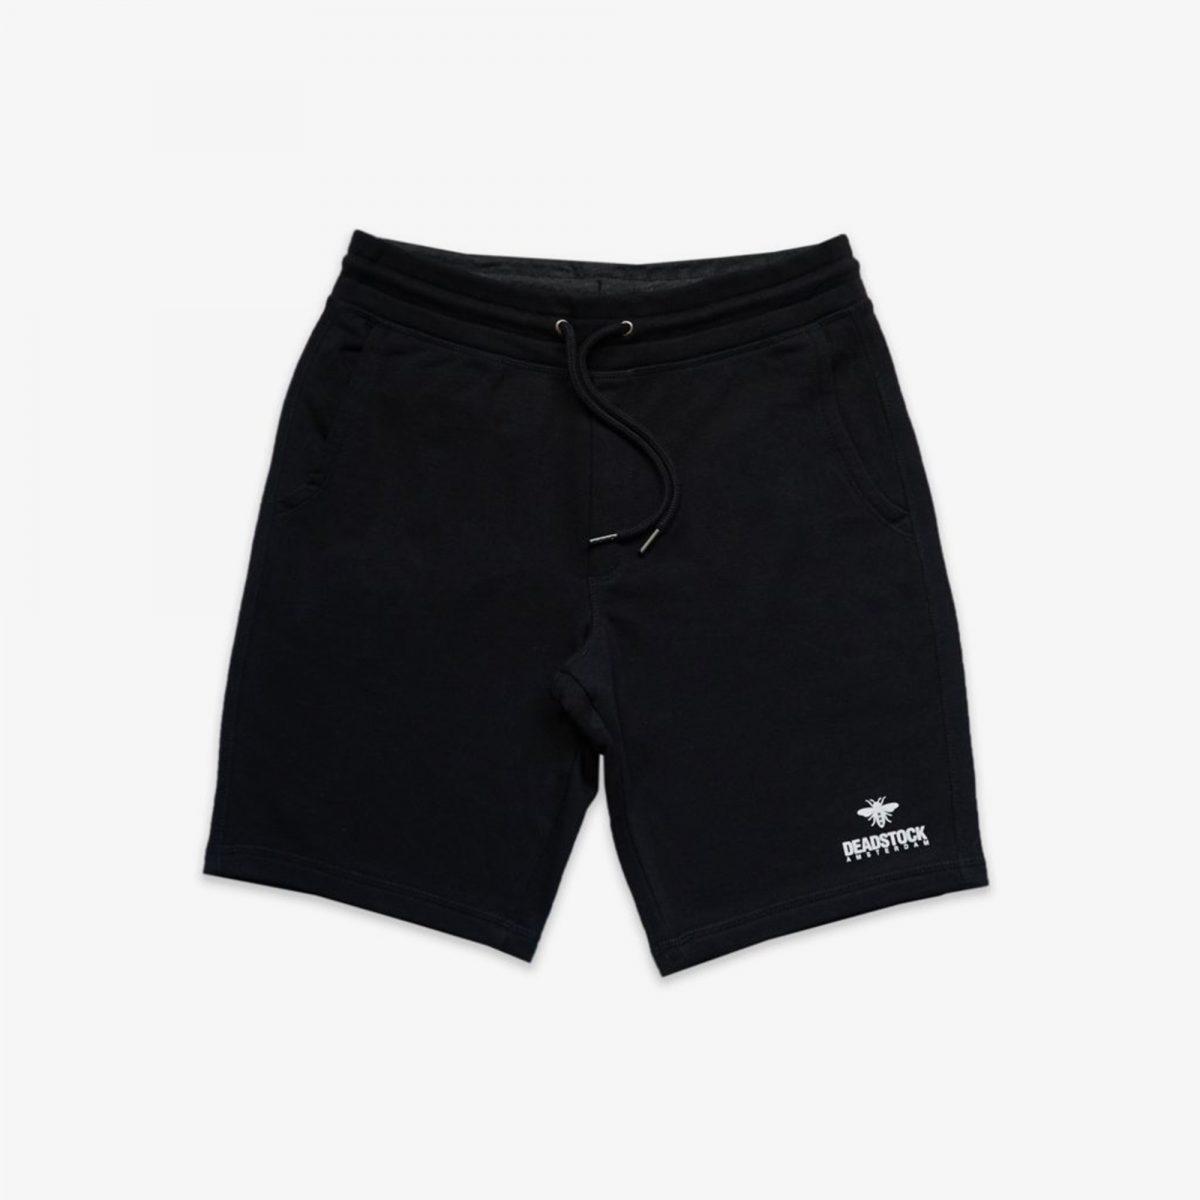 Return-Black-Short-Front